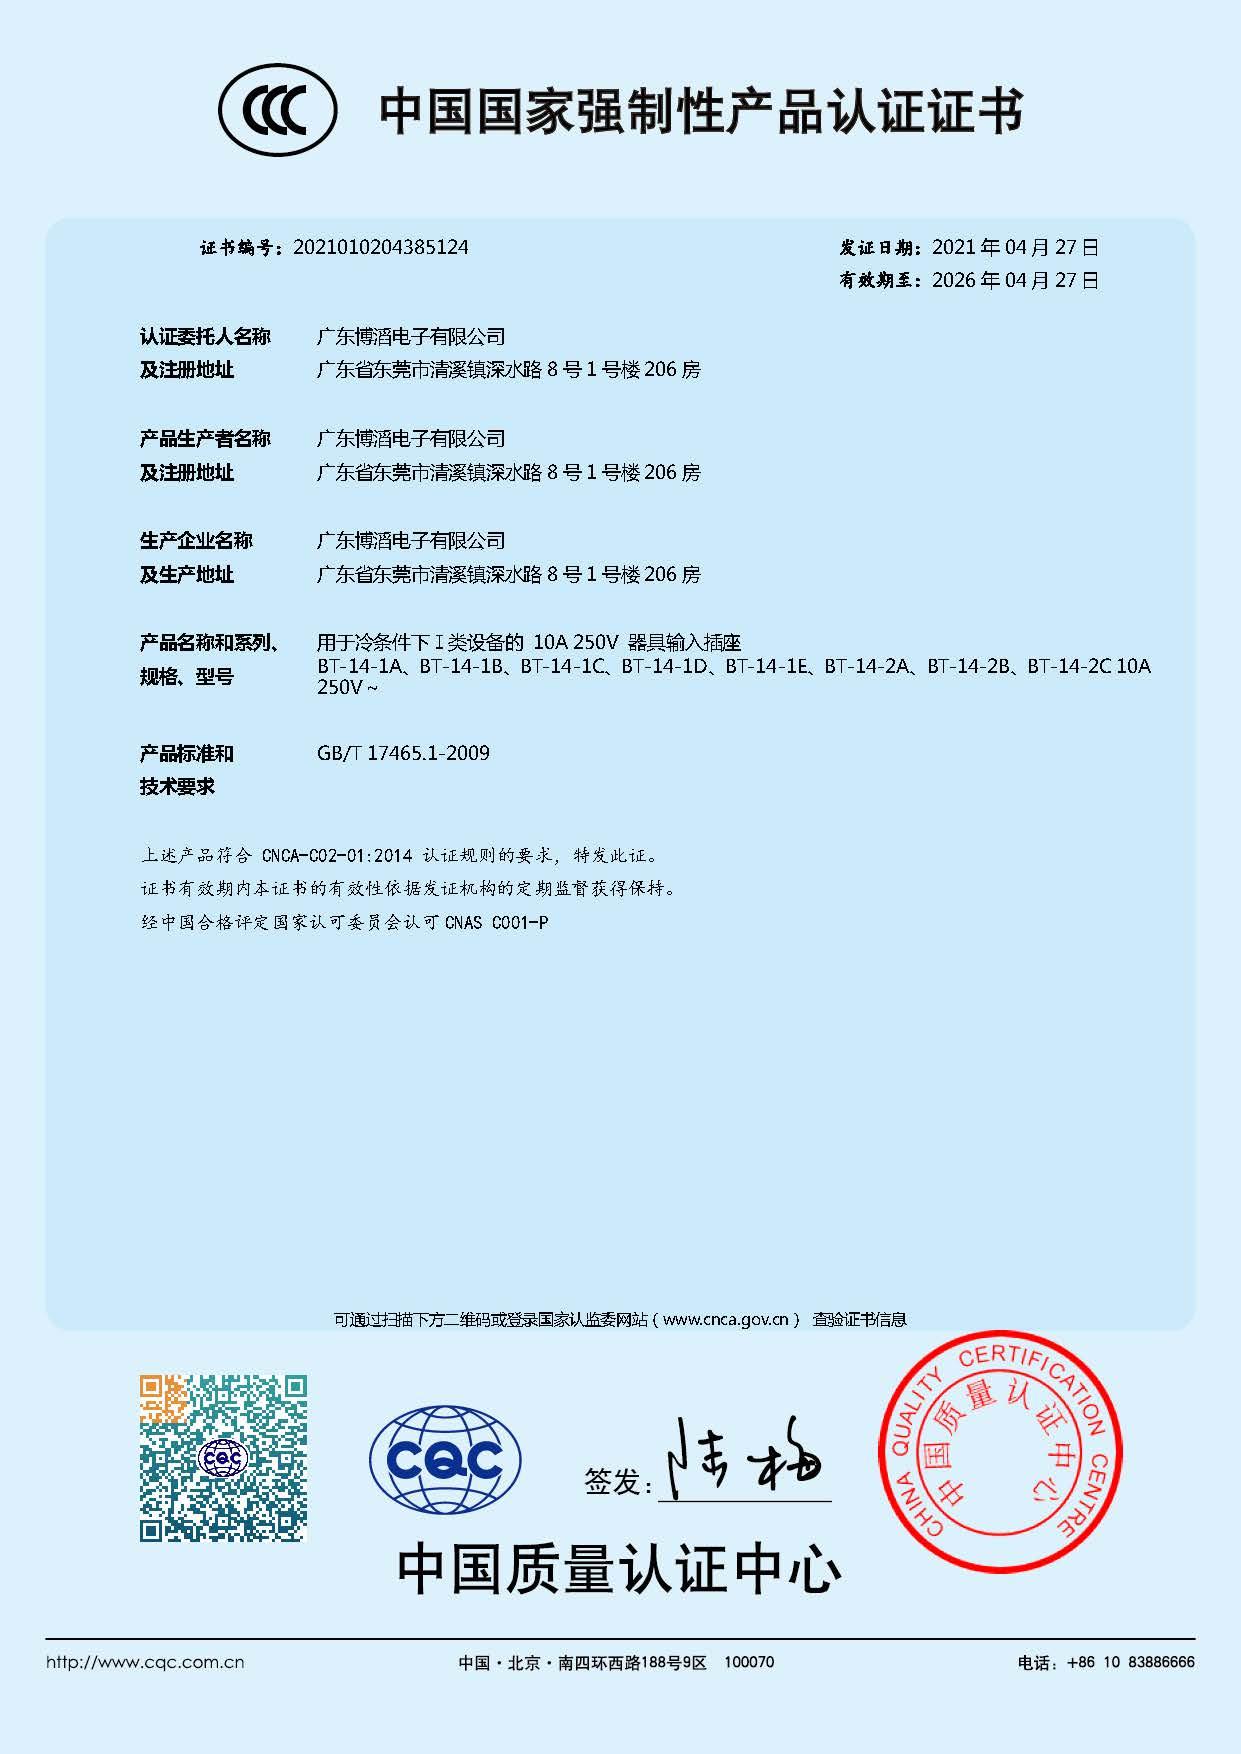 BT-14系列 CCC中国国家强制性产品认证证书